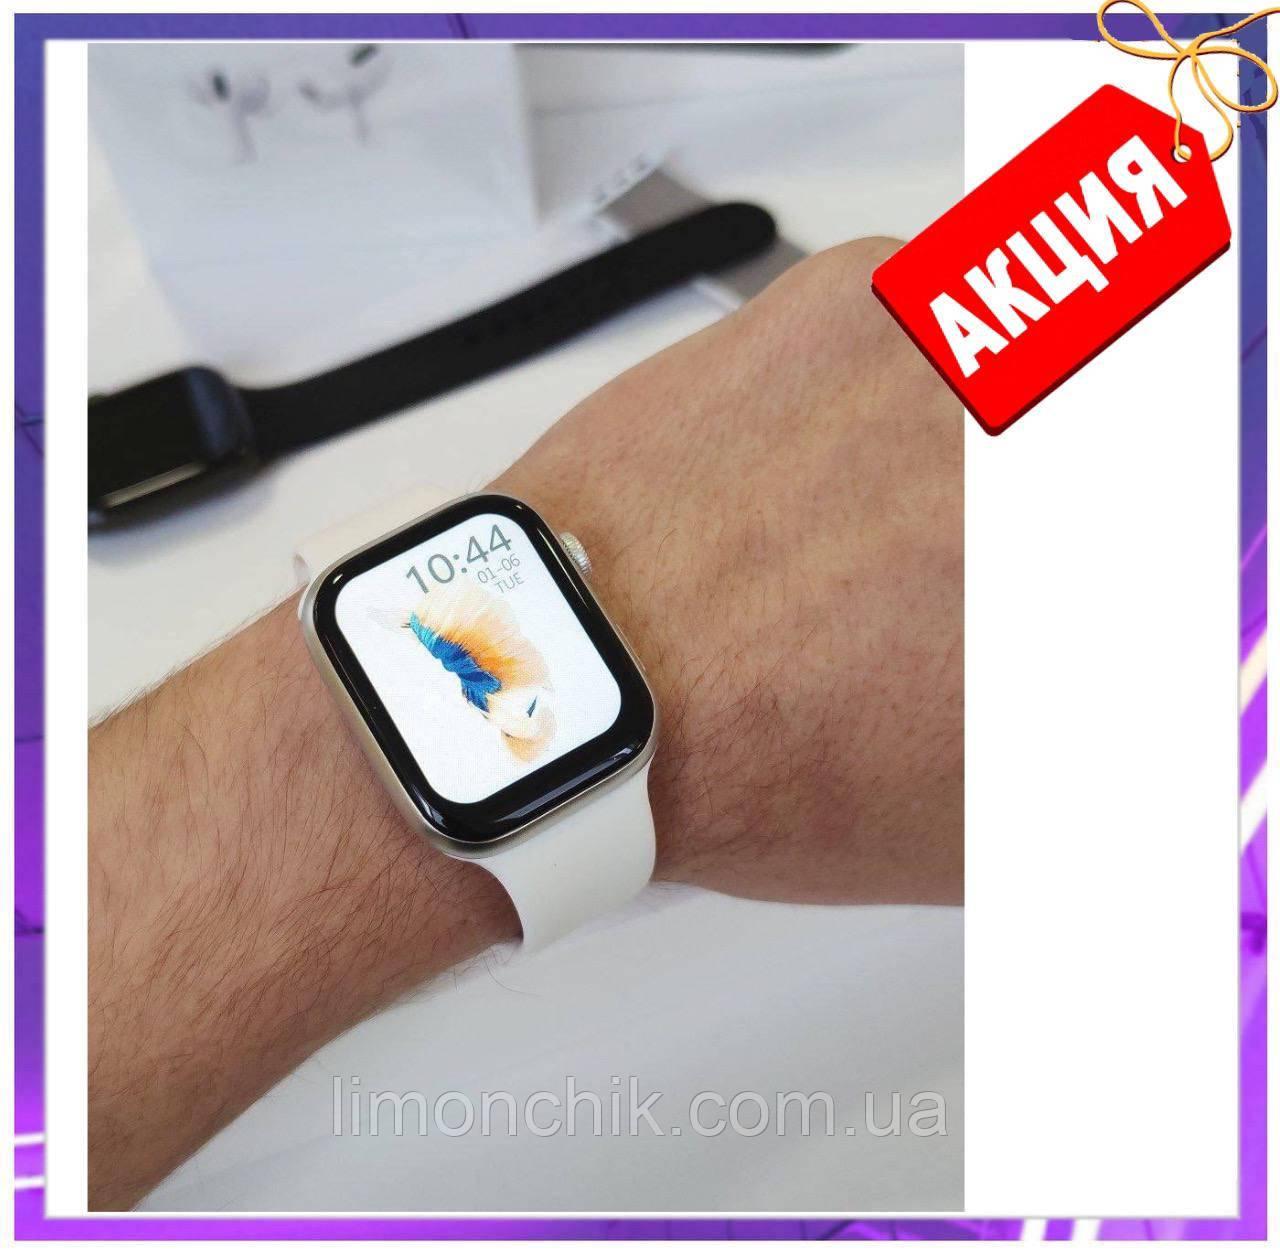 Розумні смарт годинник Smart Watch FK-88 сенсорні наручні пульсометр шагометр фітнес трекер білі